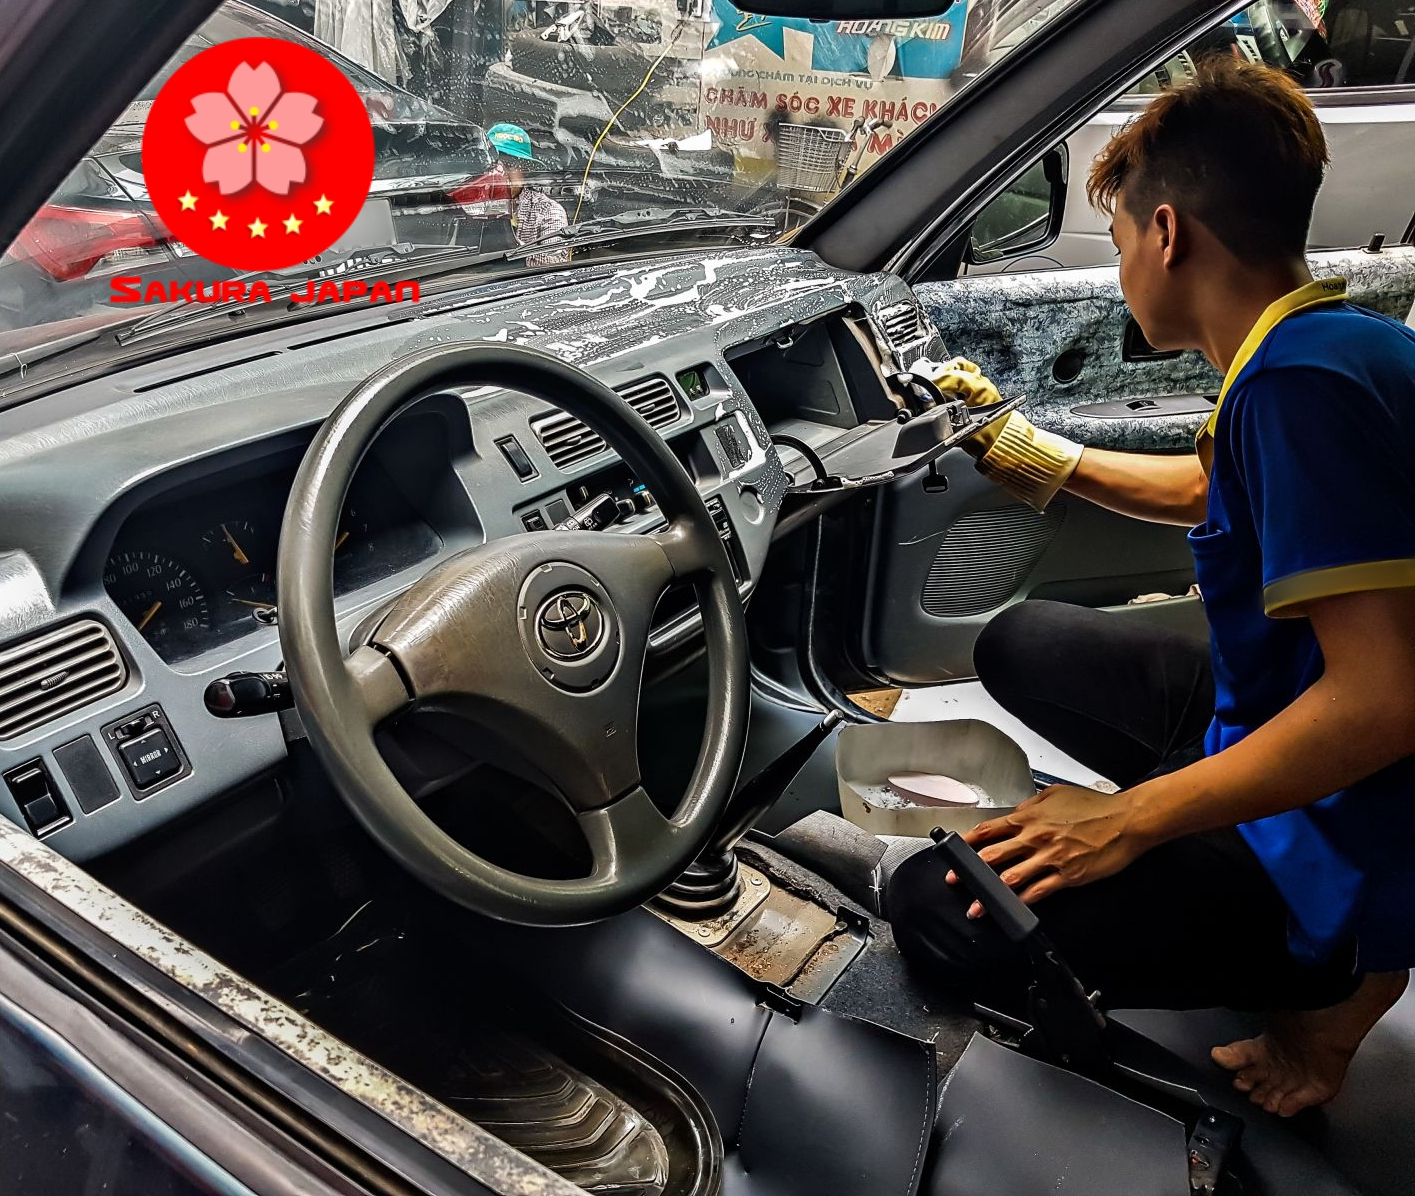 Dịch vụ Vệ Sinh Nội Thất Ô Tô Xe Hơi Nha Trang Tại Nhà